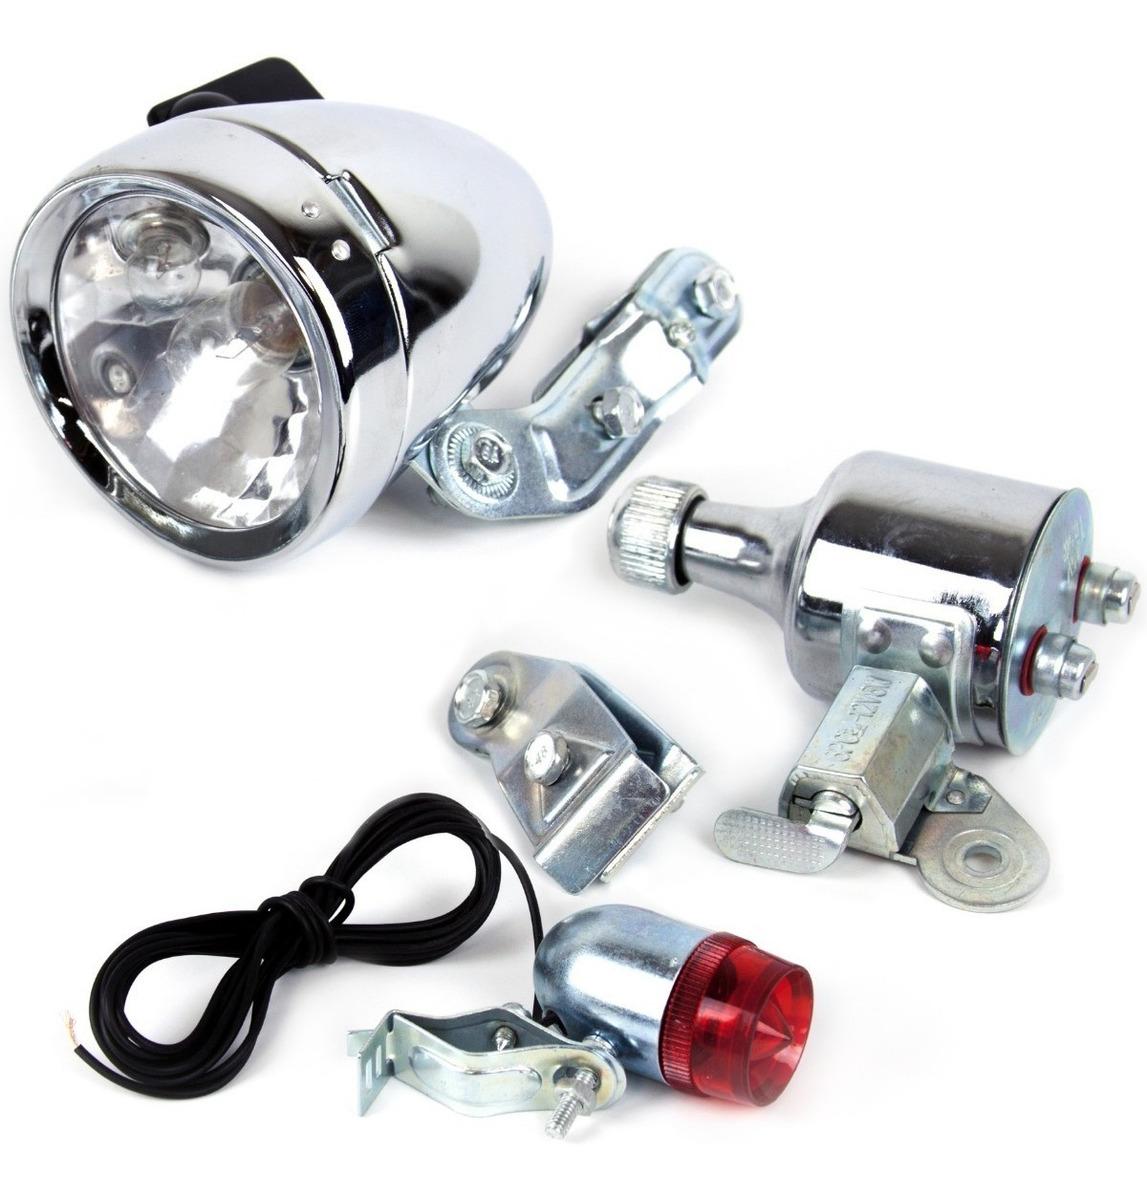 ded6acb9f set de luces con dinamo para bicicleta tipo retro o vintage. Cargando zoom.